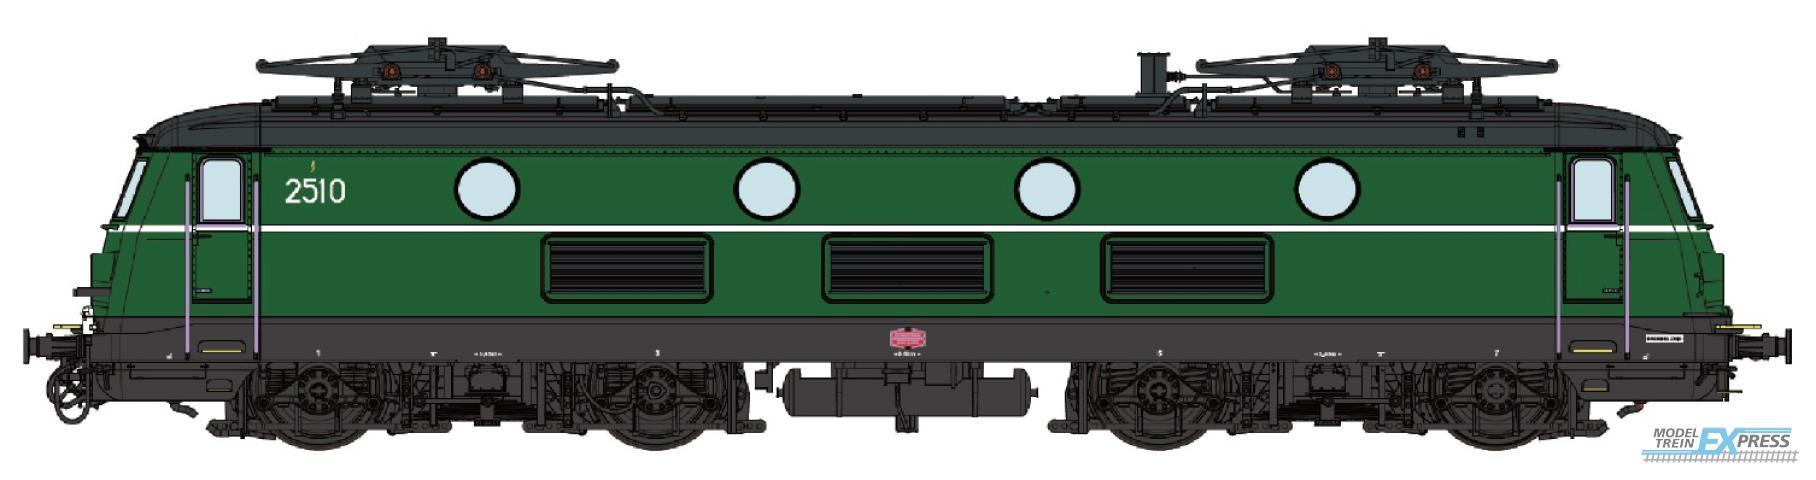 B-Models 3203.04